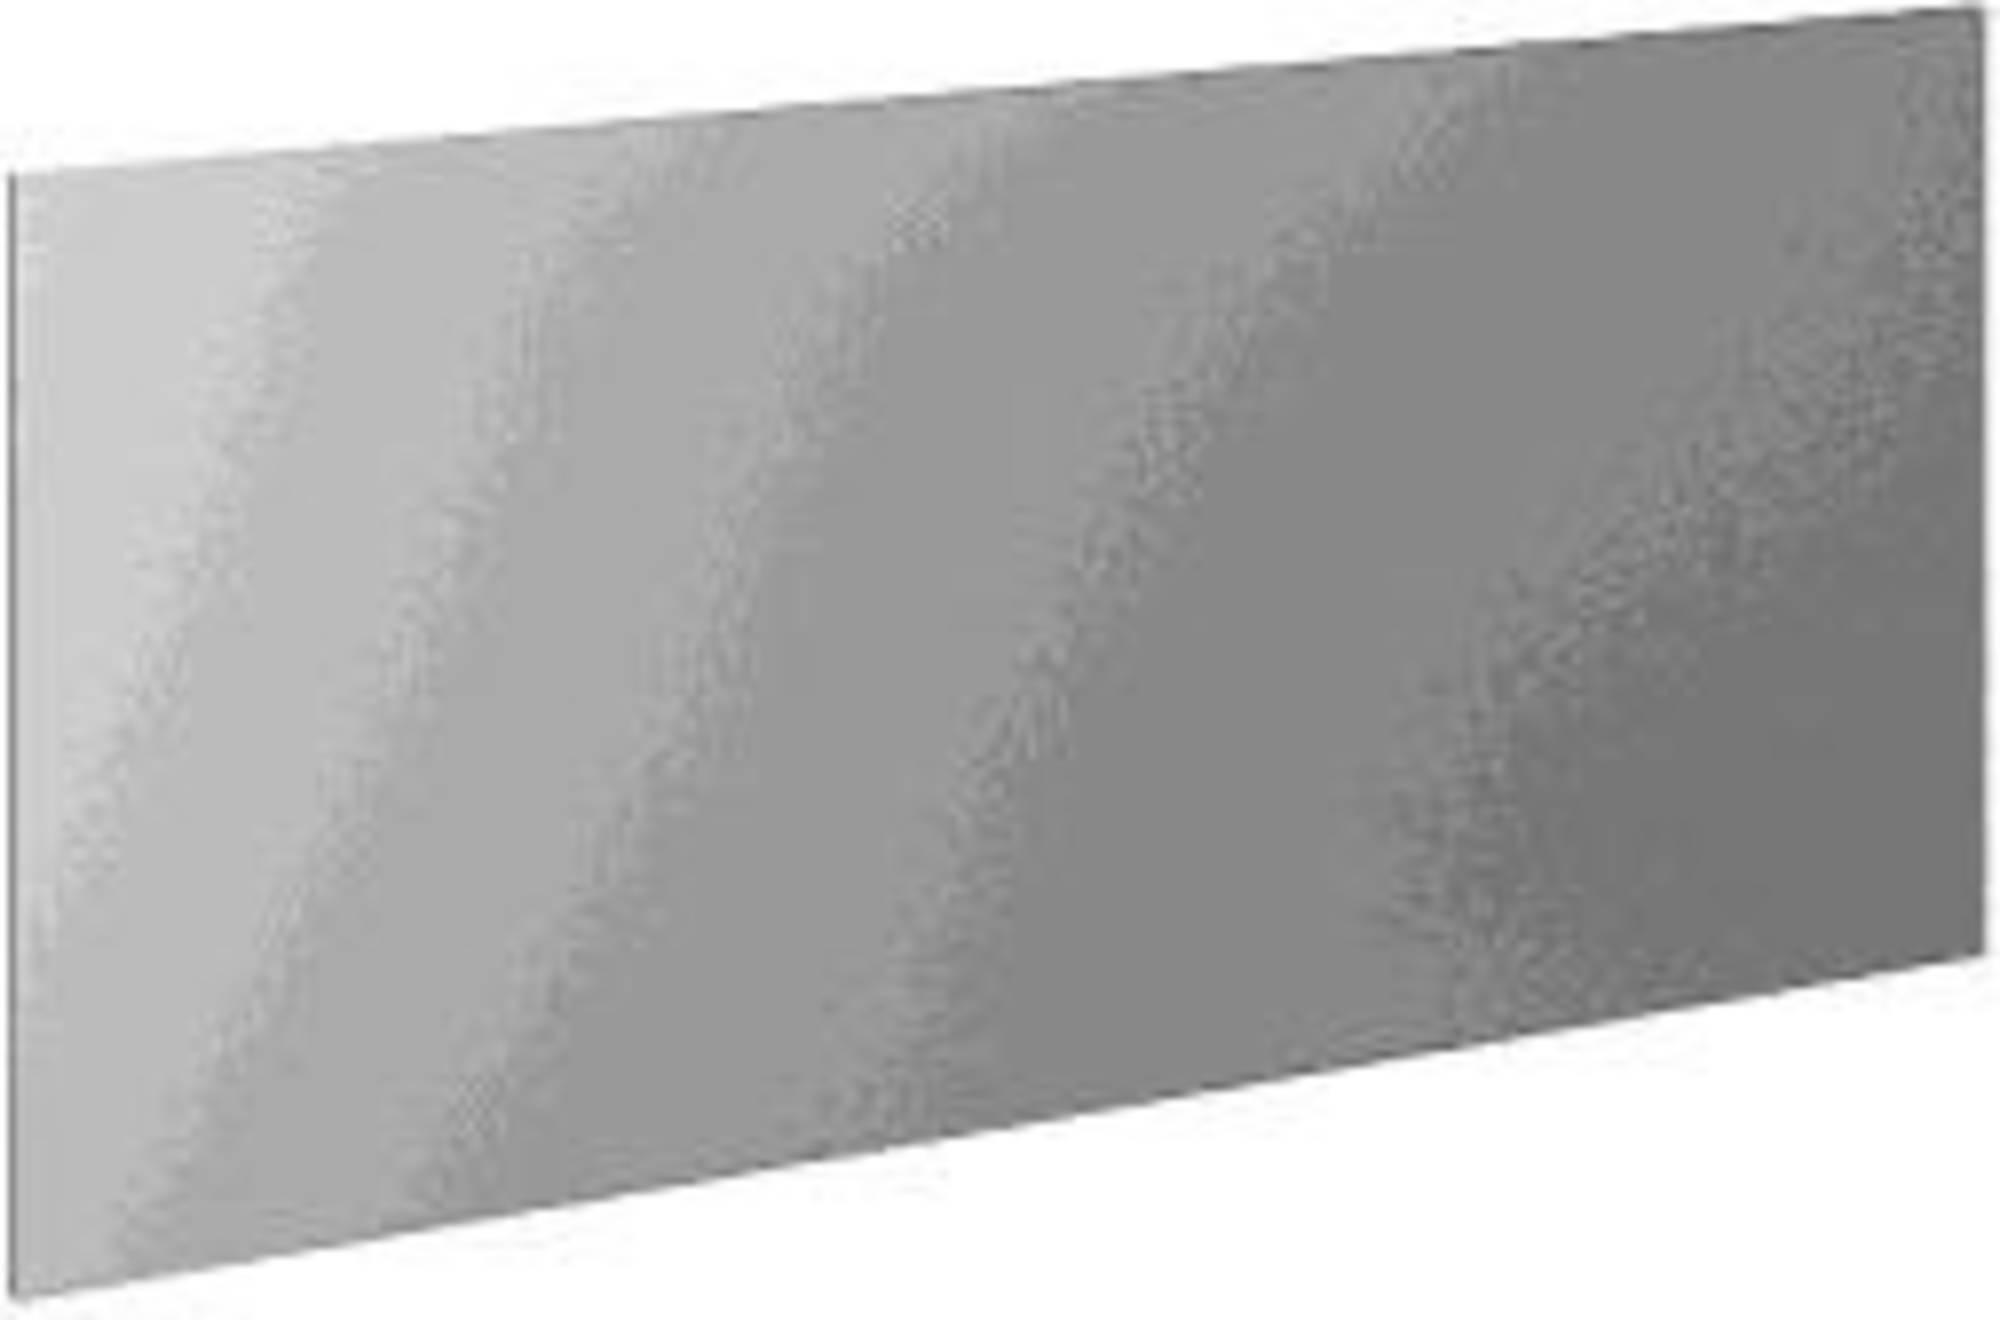 Ben Mirano spiegelpaneel maatwerk 130,1-140x<70cm